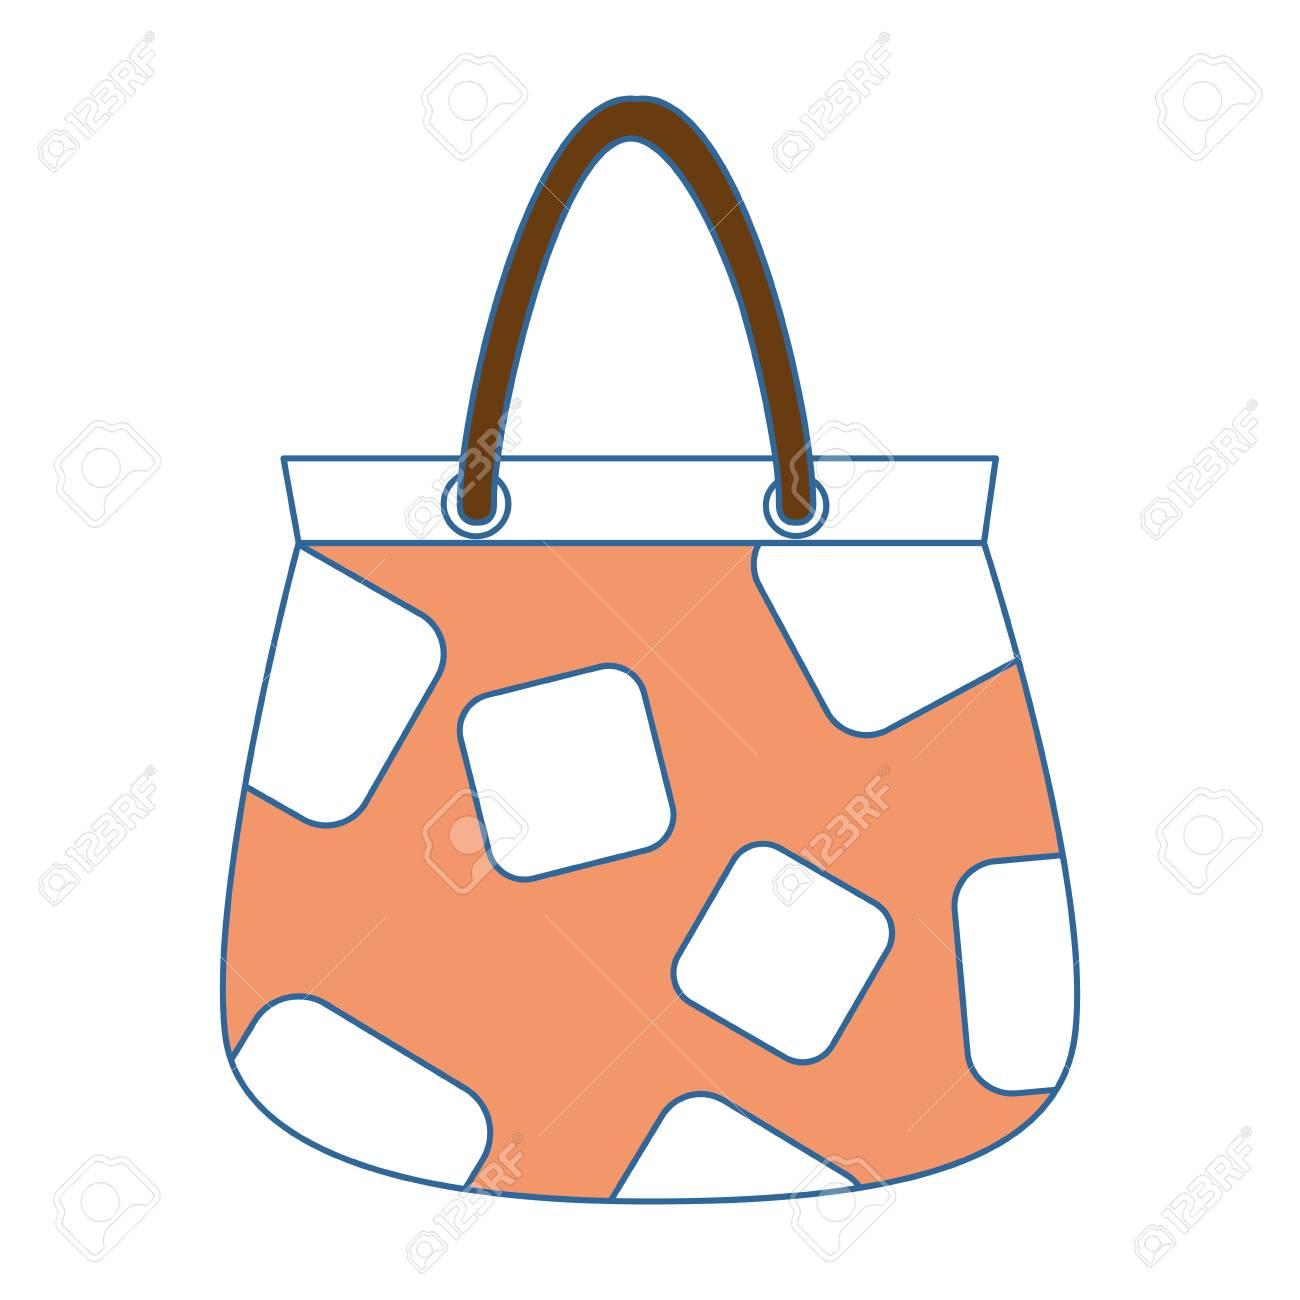 Femme sac à main icône isolé illustration vectorielle conception